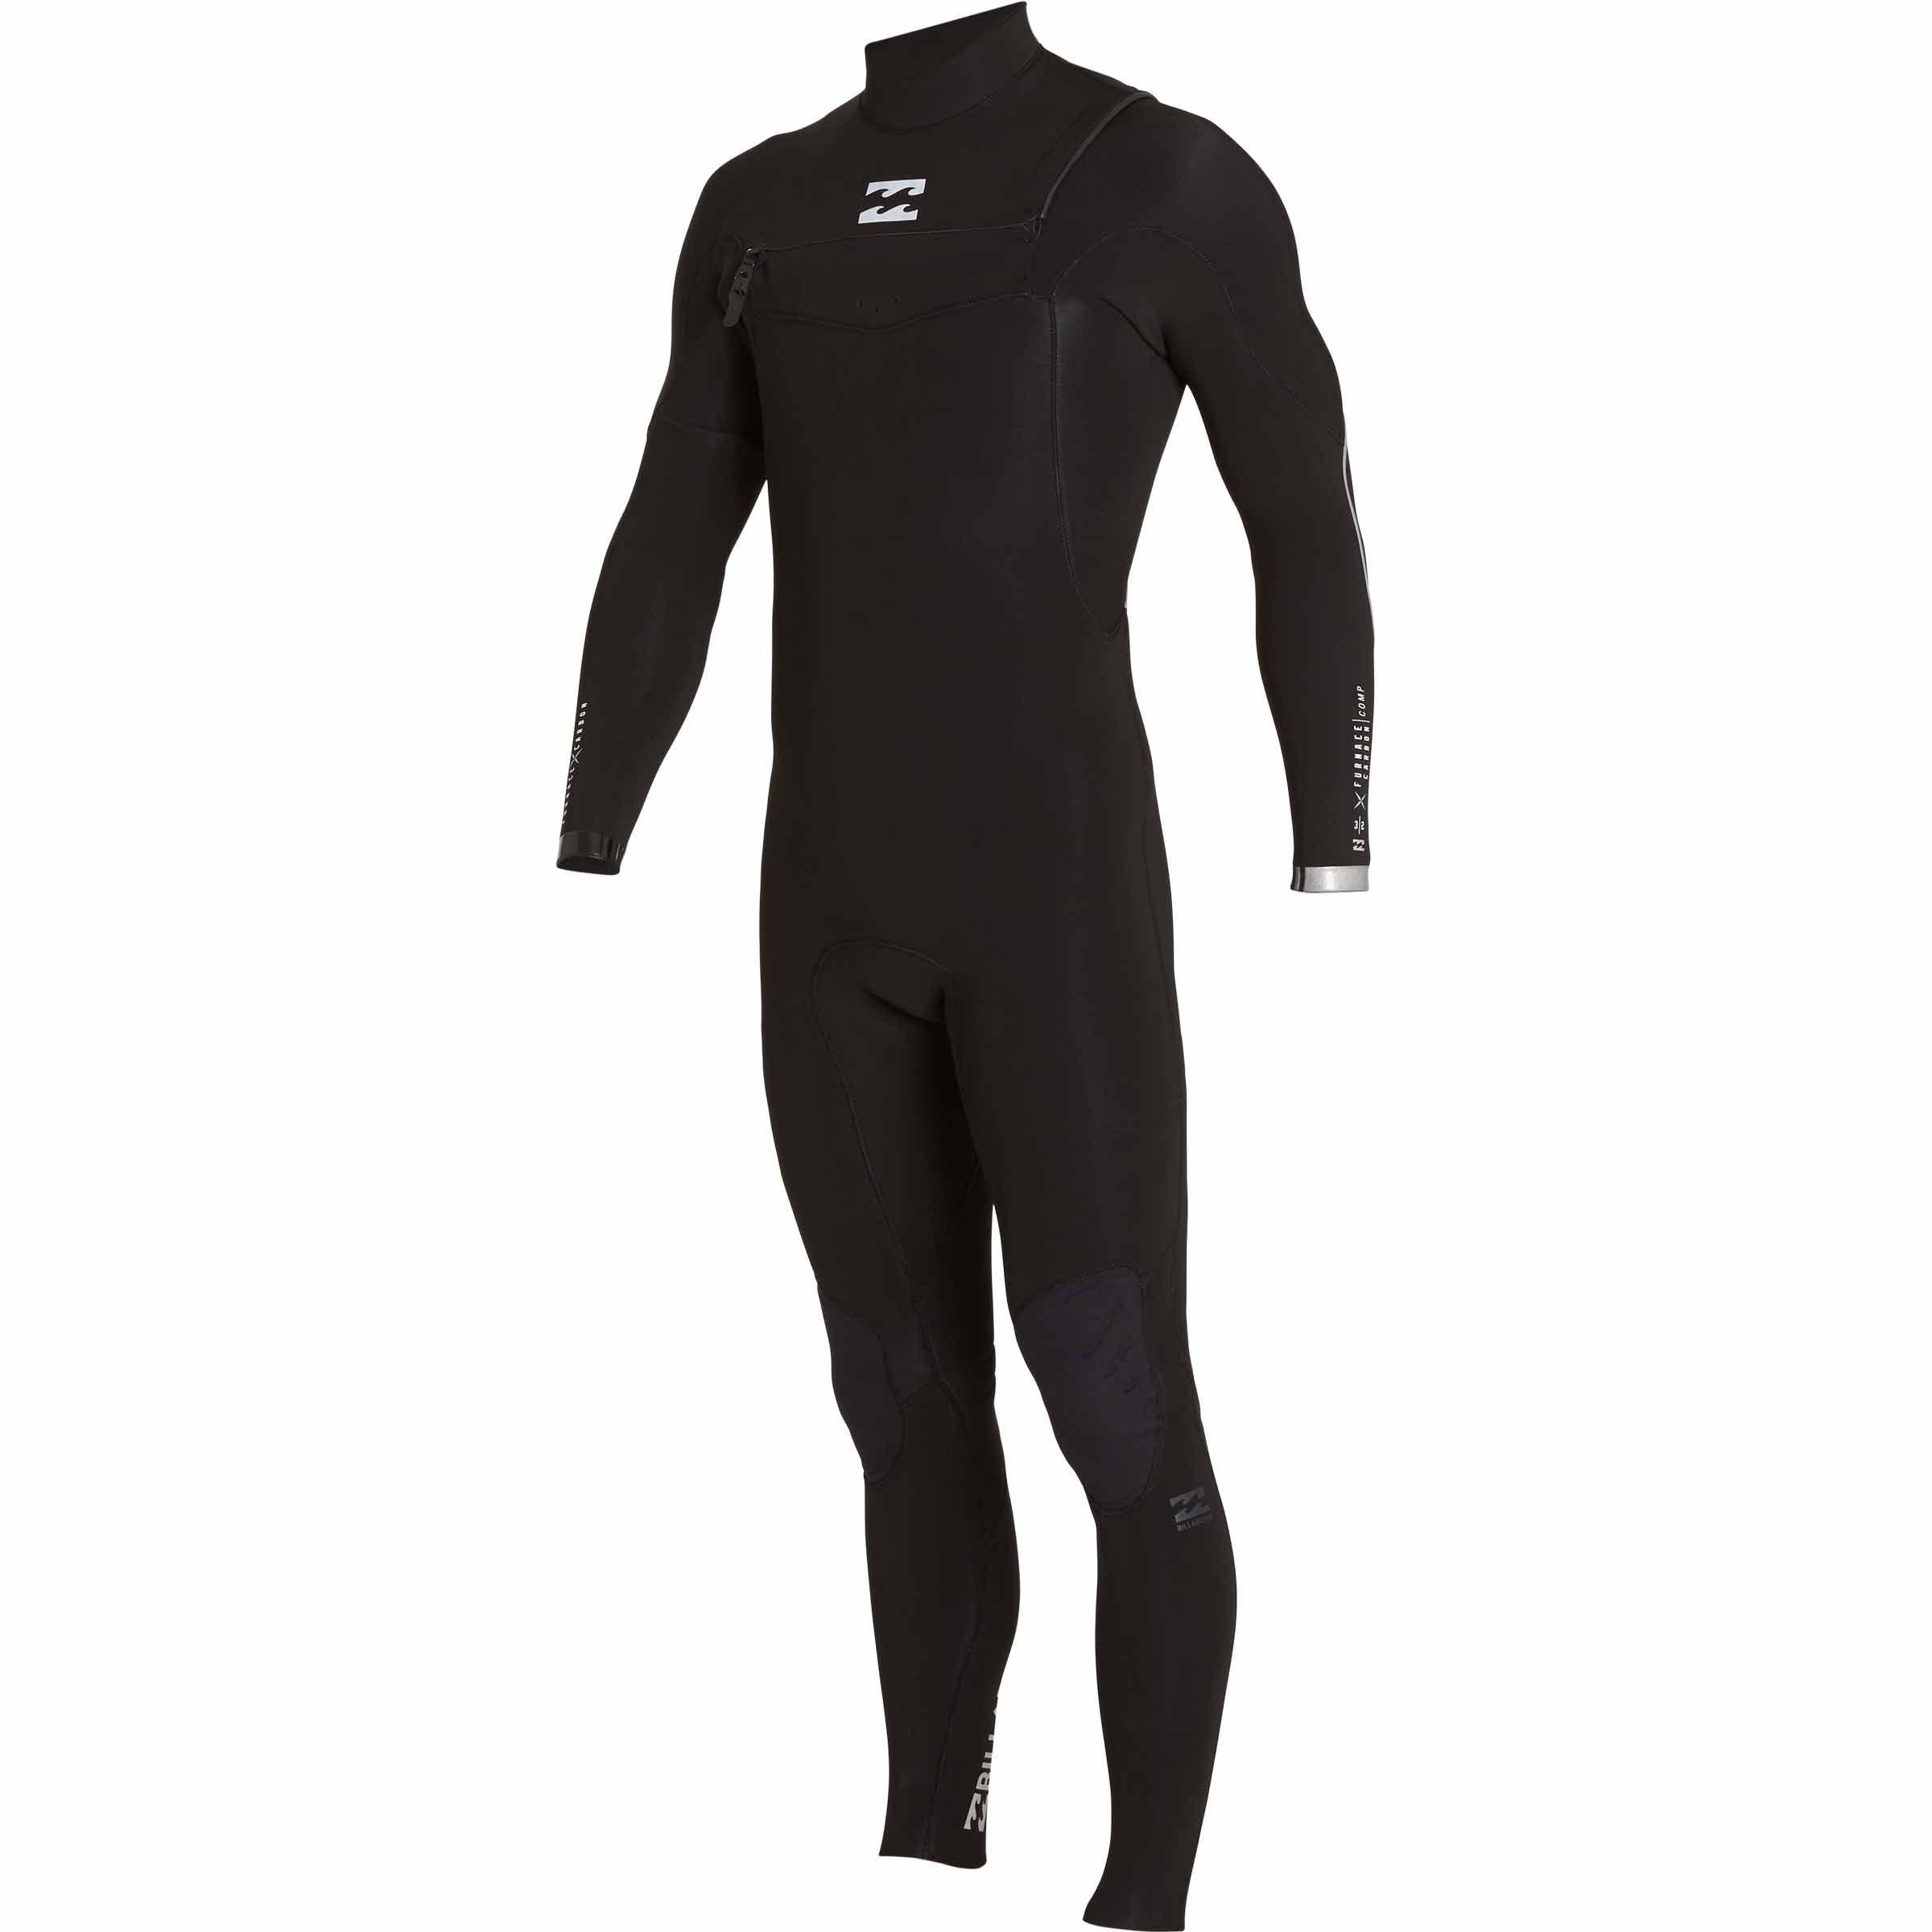 Billabong Men's 3/2 Furnace Carbon Comp Chest Zip Fullsuit Black X-Large